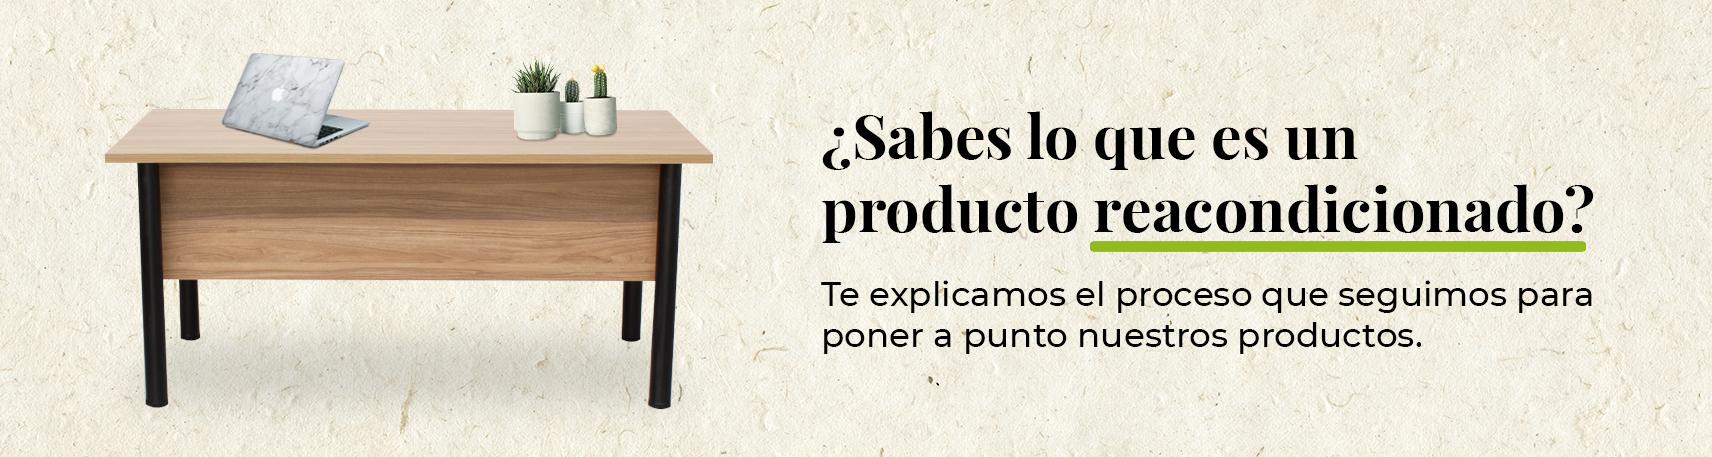 muebles de oficina reacondicionados y sostenibles